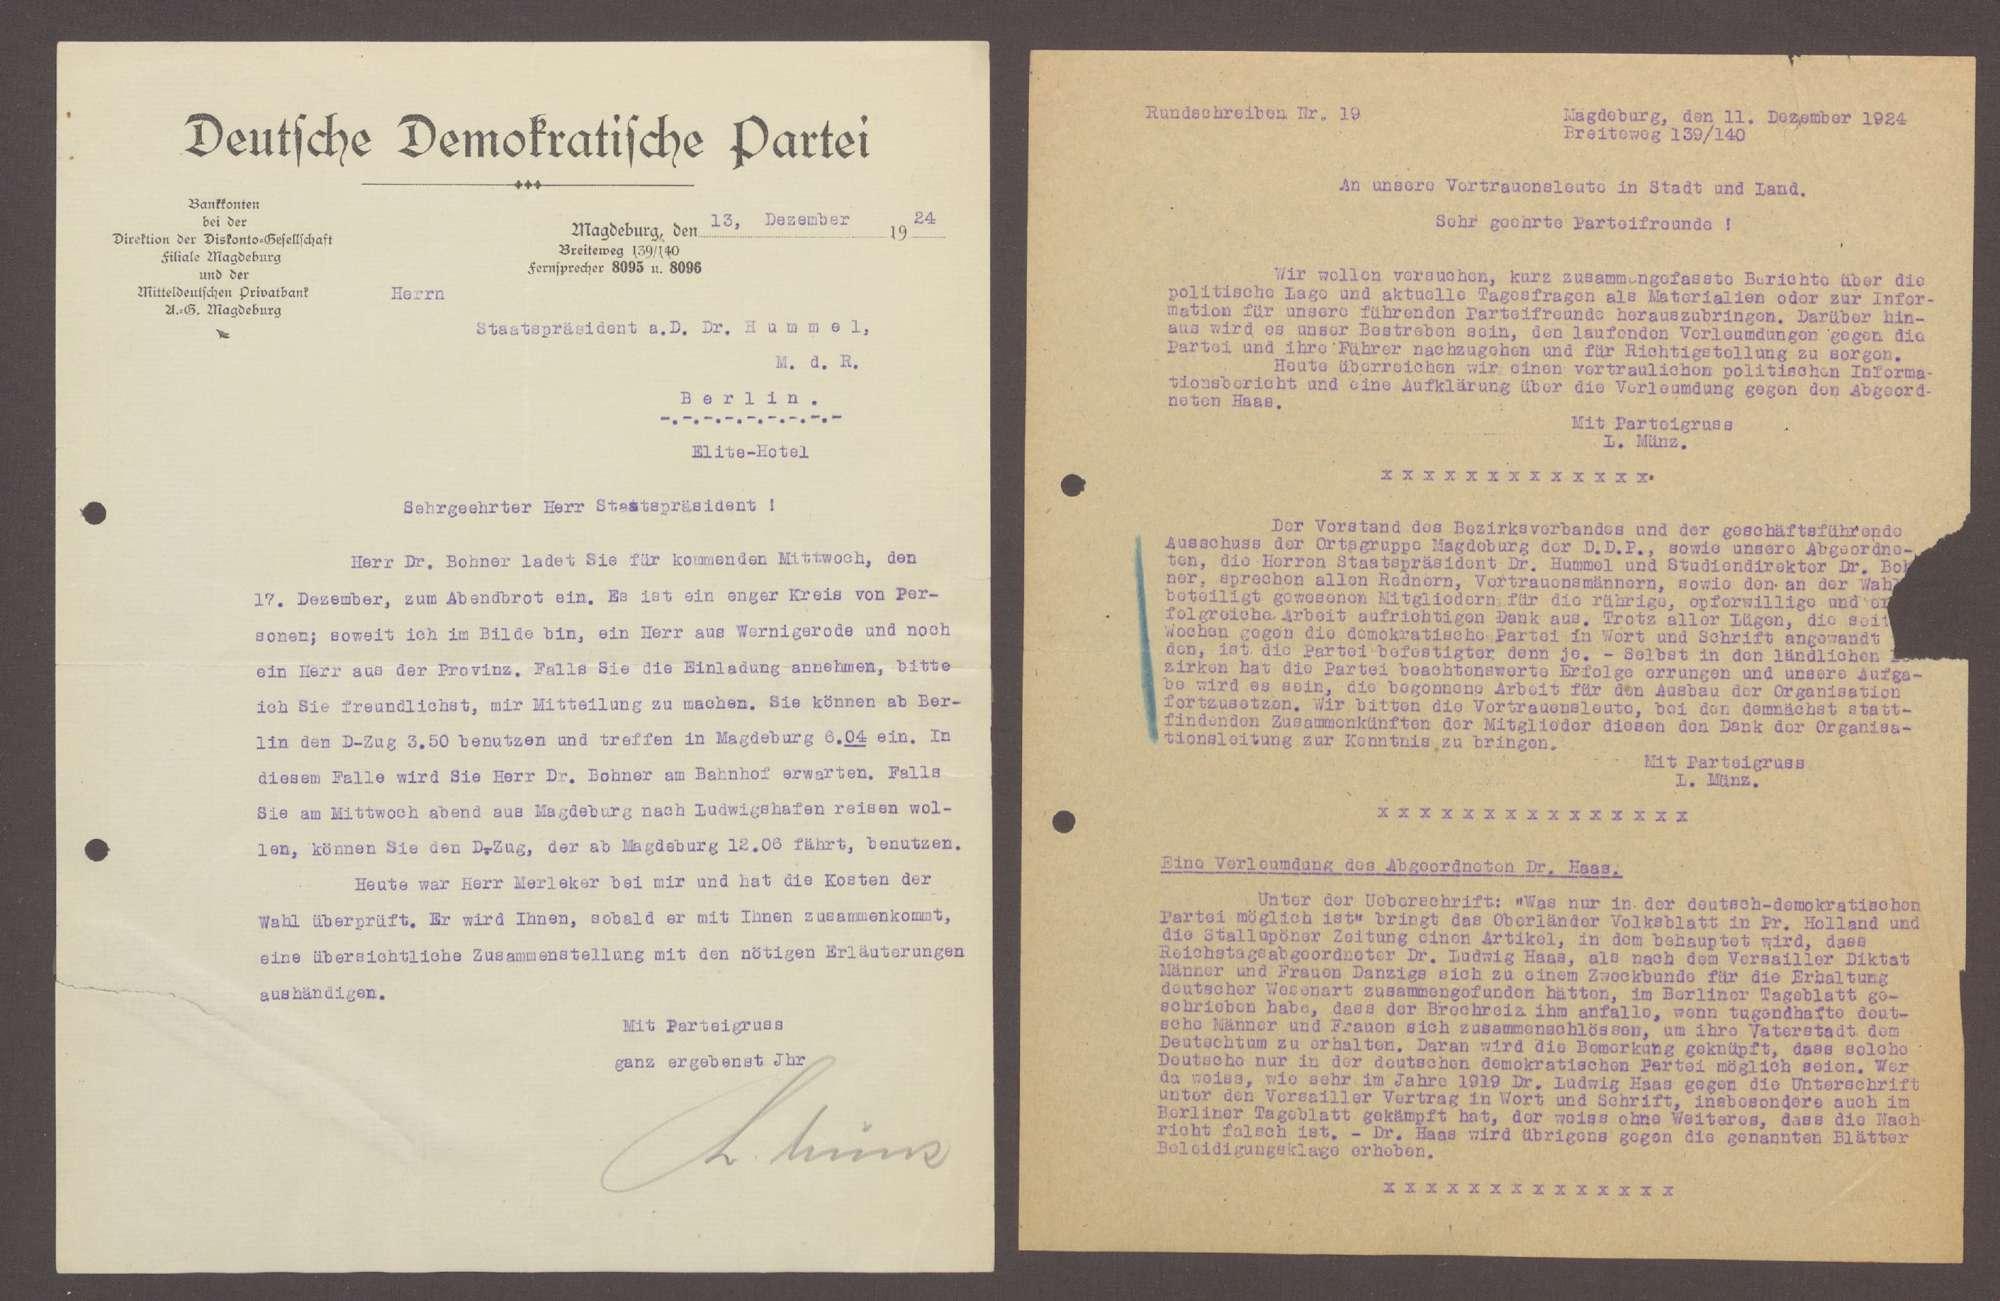 Schreiben von Ludwig Münz, DDP Ortsgruppe Magdeburg, an Hermann Hummel: Einladung zu einem Abendessen mit Theordor Bohner;, Bild 1